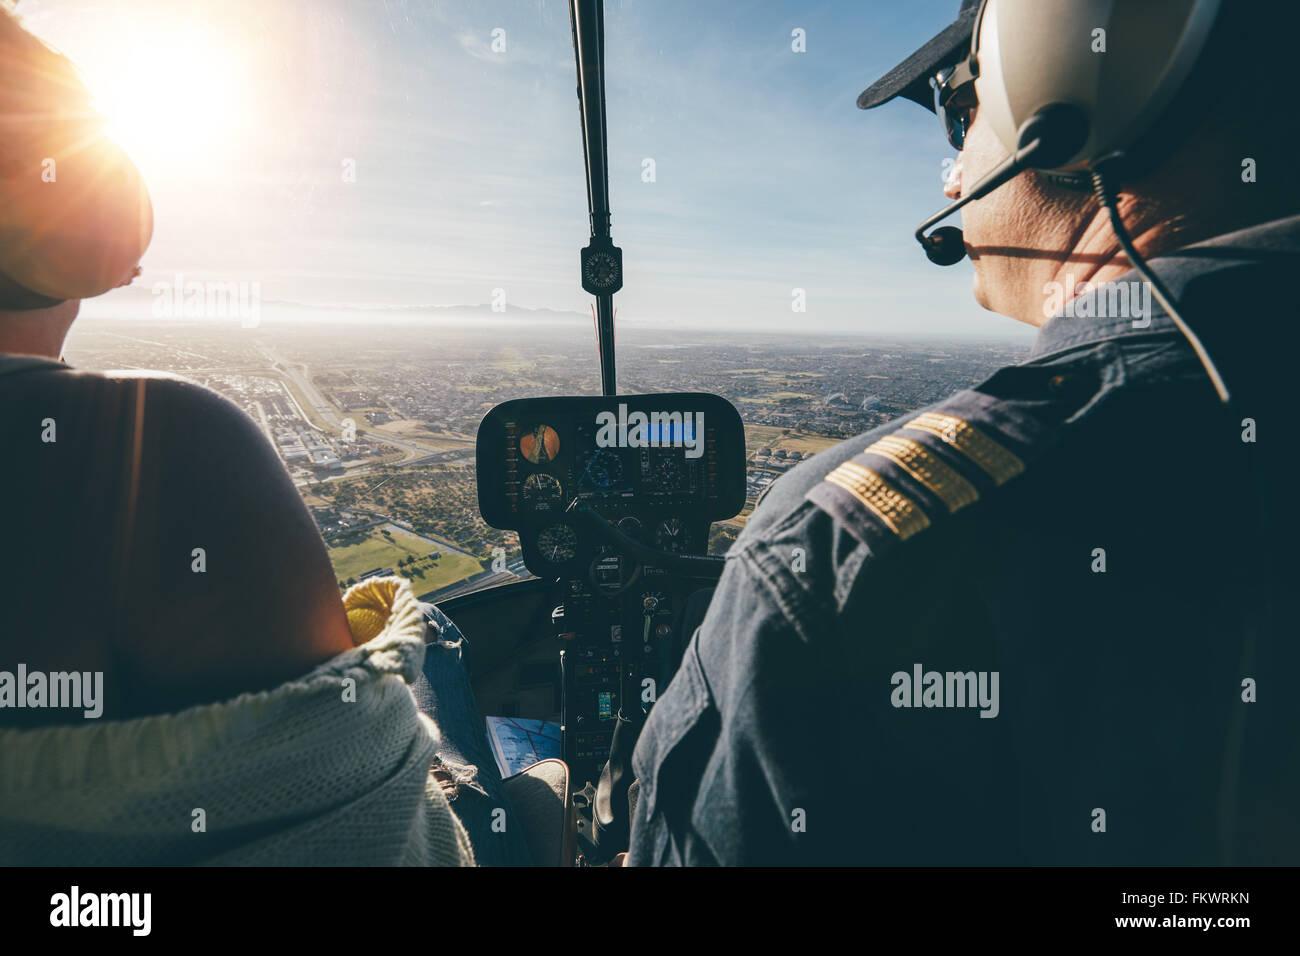 Vista posteriore dei due piloti volare un elicottero sulla giornata di sole. Immagine ravvicinata di piloti seduto Immagini Stock